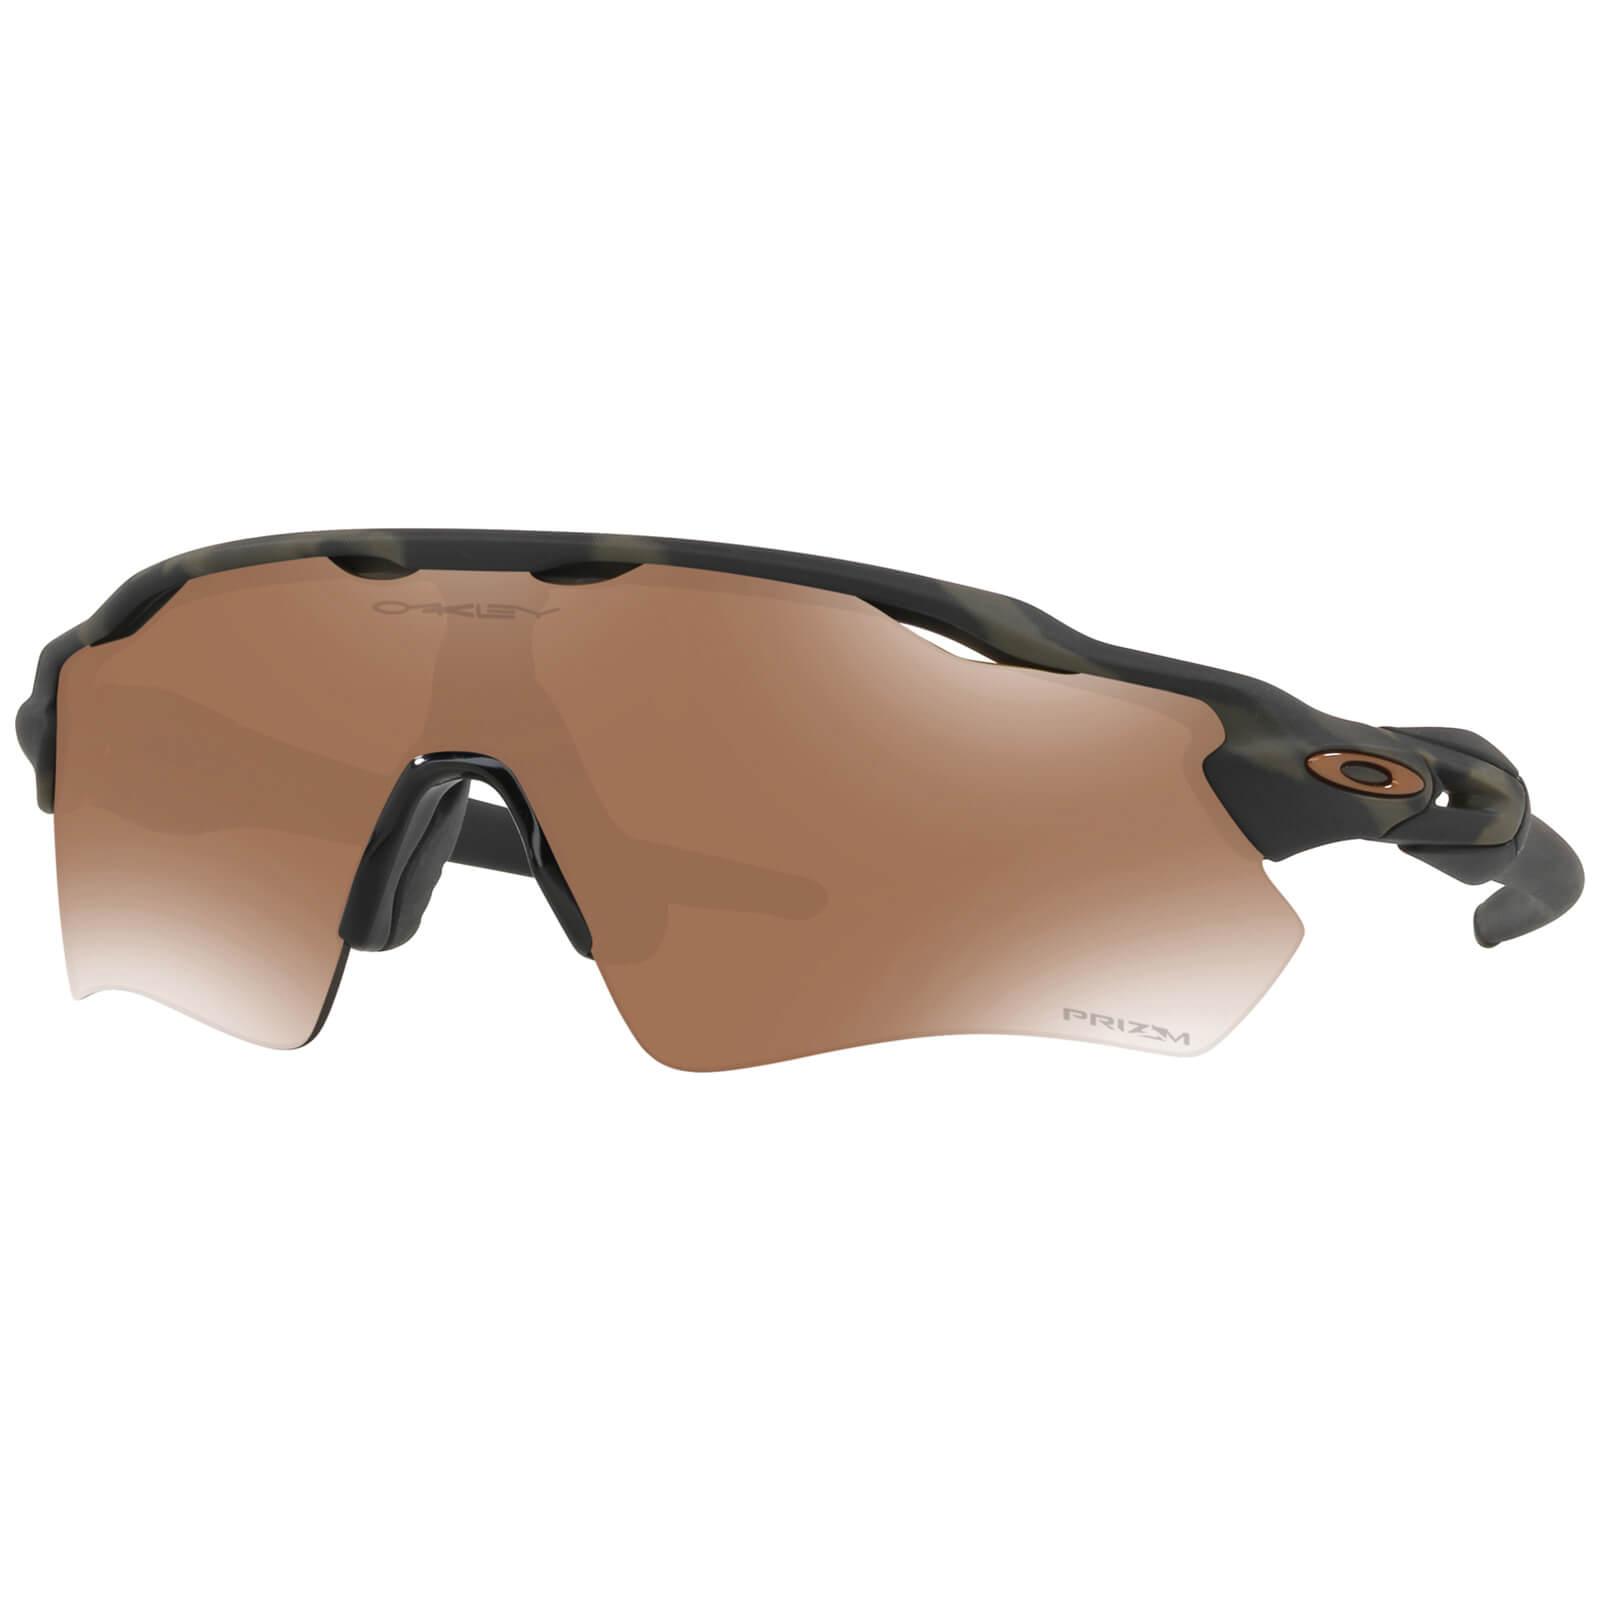 7030de45681e2 Oakley Radar EV Path Sunglasses - Olive Camo Prizm Tungsten   ProBikeKit  Canada